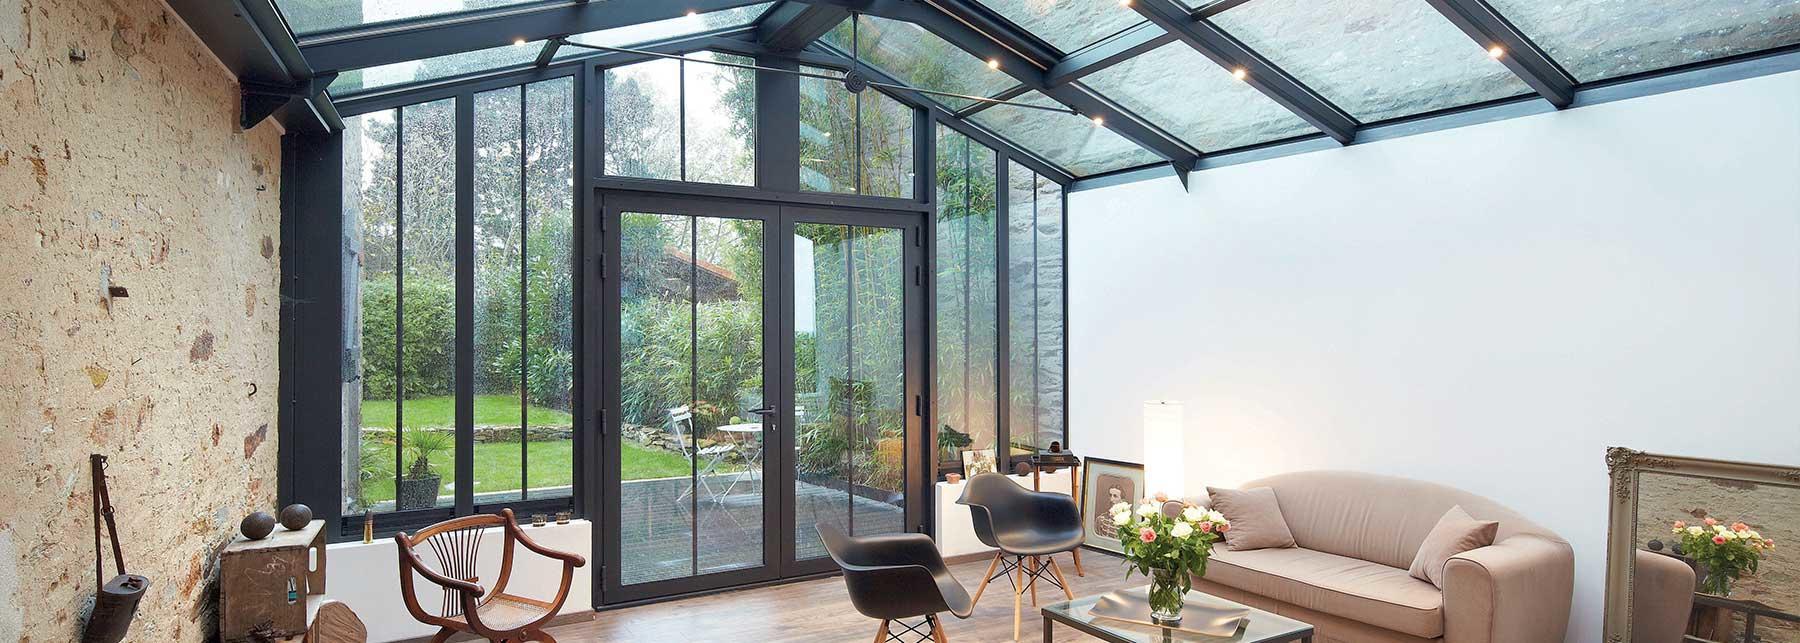 La partie salon gagne en surface grâce à seulement une façade et un petit toit vitrés